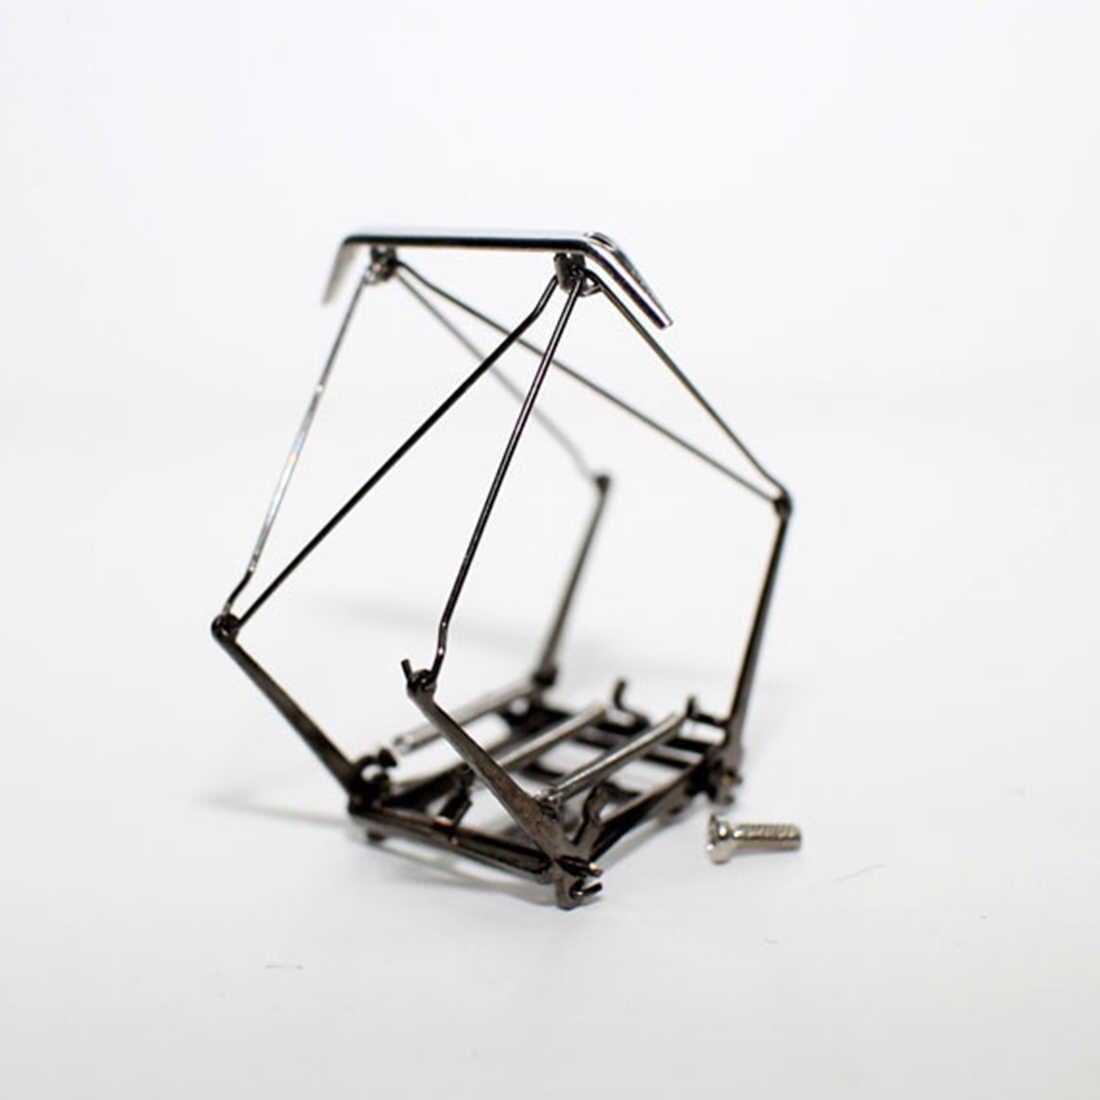 Báscula HO 2 uds., pantográfico eléctrico de tracción 1:87, brazo, arco, tren, brazo, arco, pantográfico, de aleación, accionado para bacmann